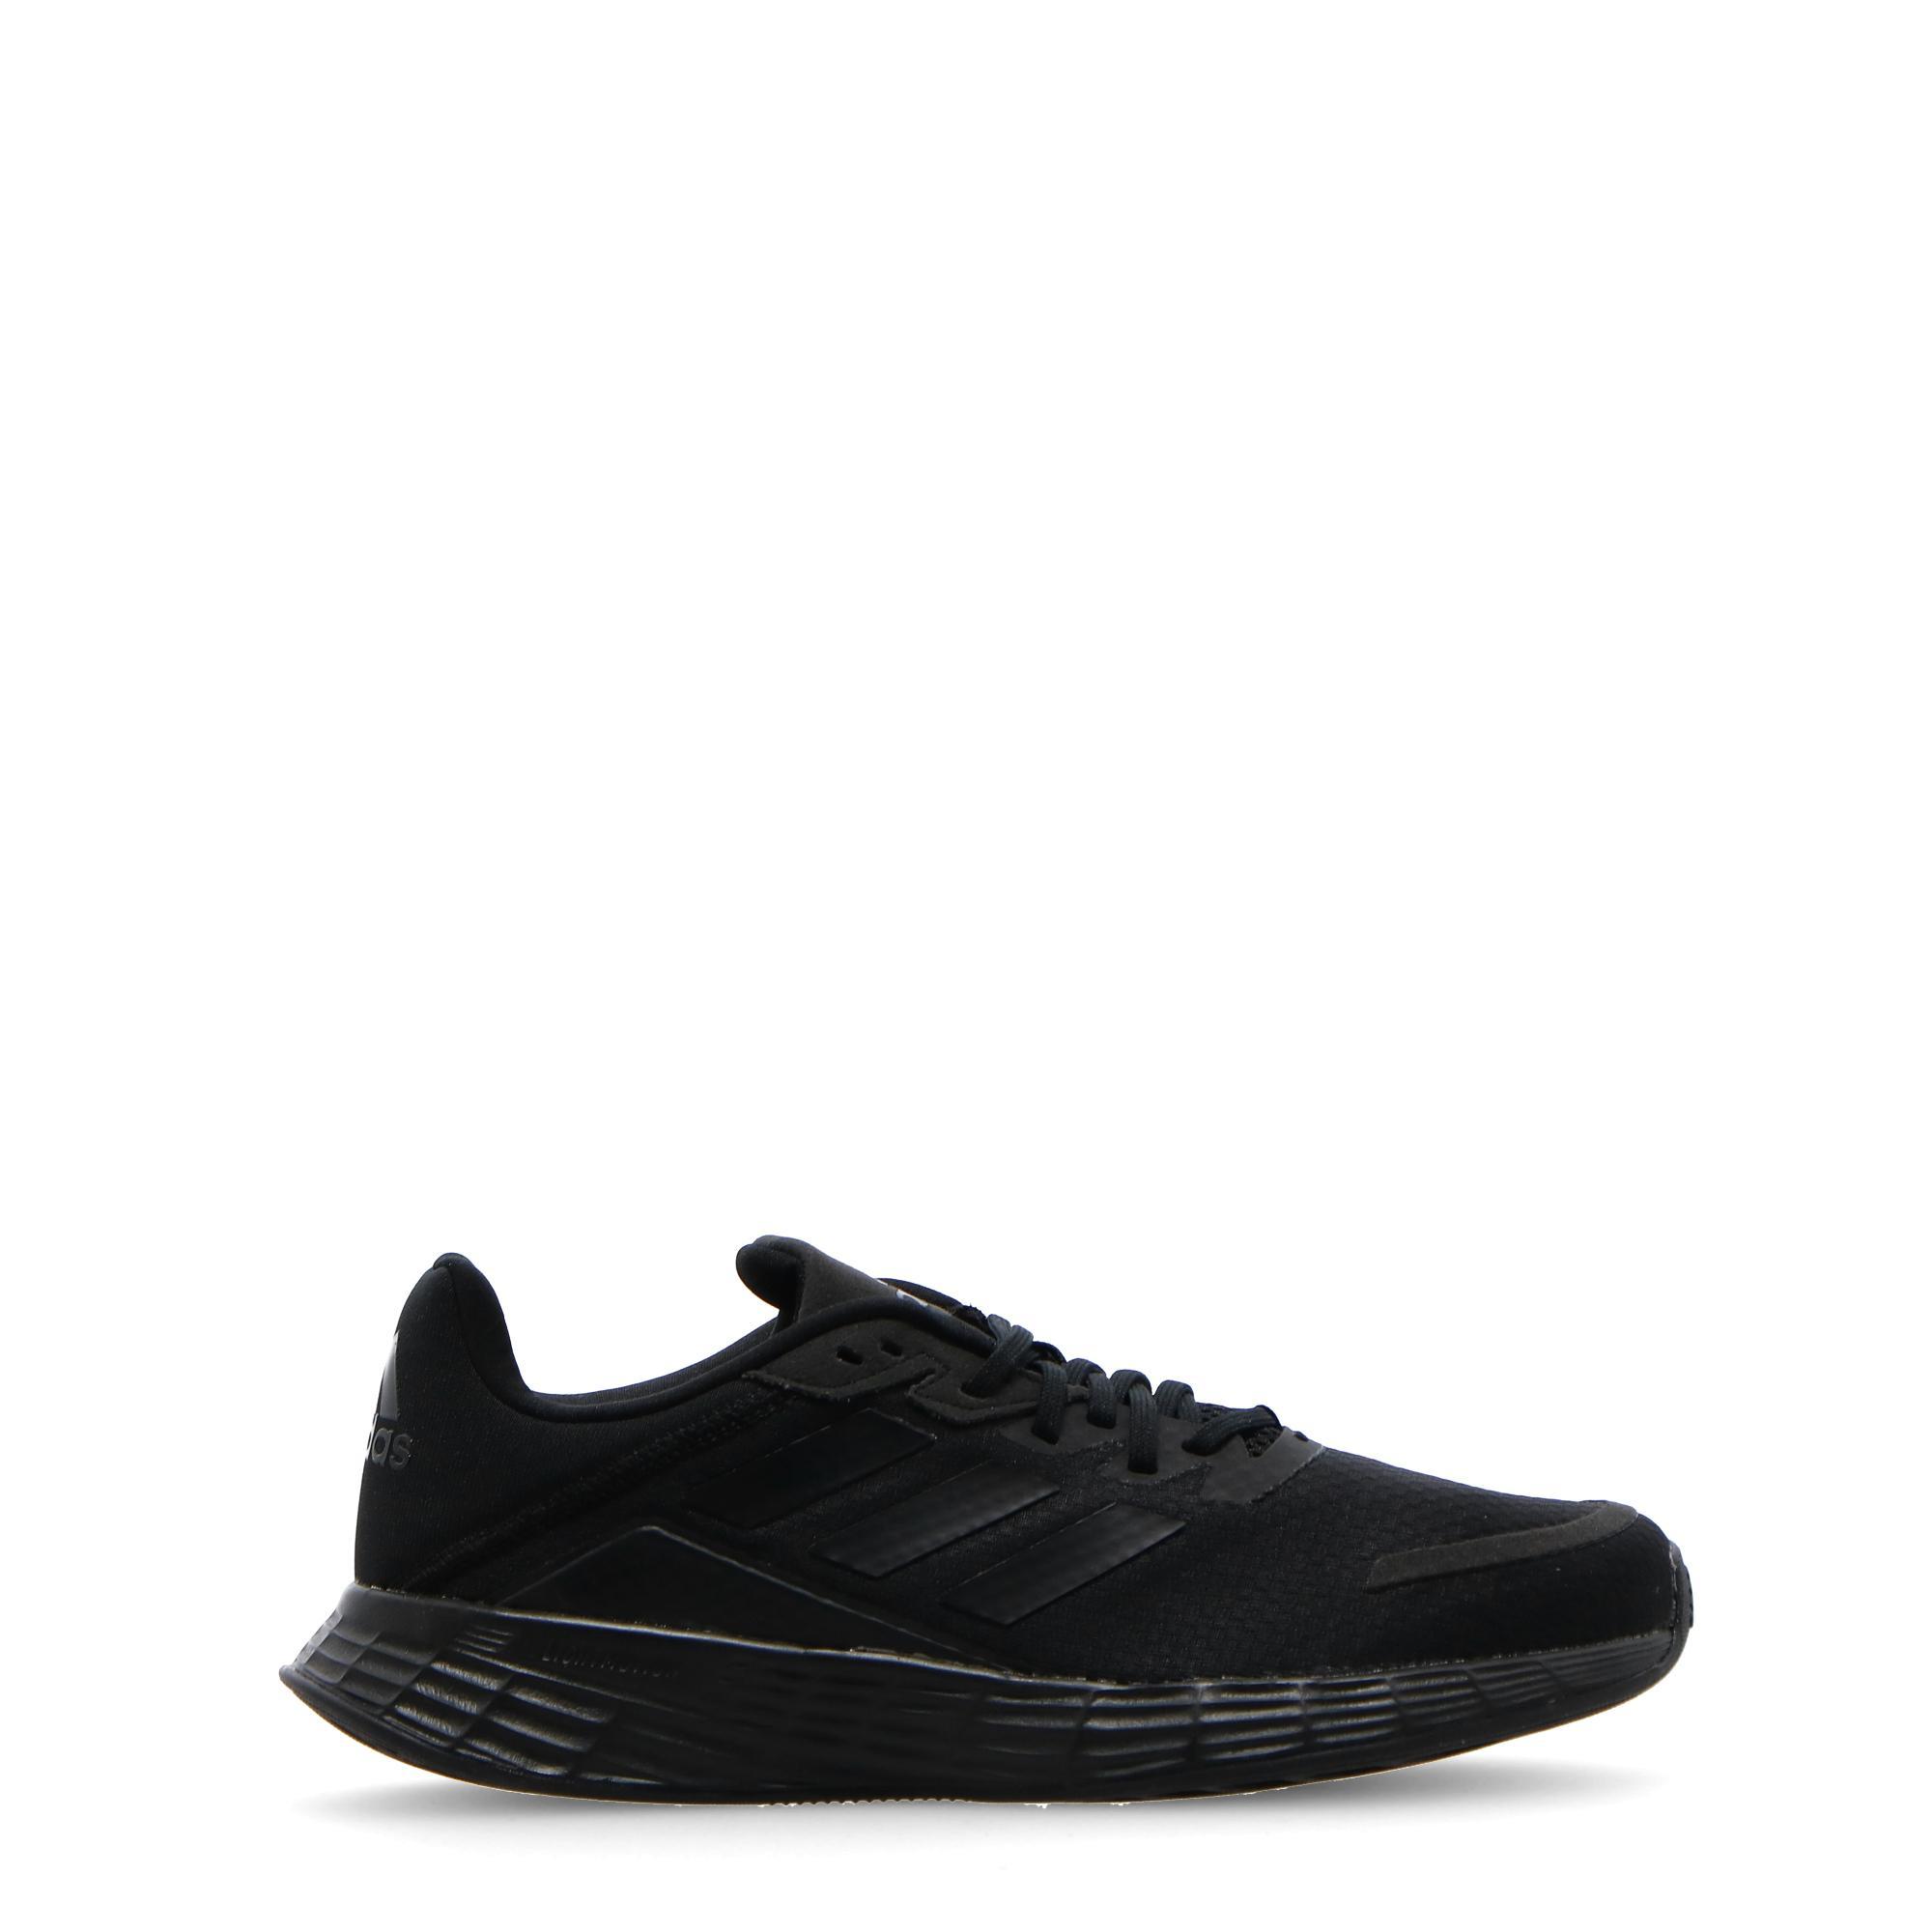 Adidas Duramo Sl Core black core black